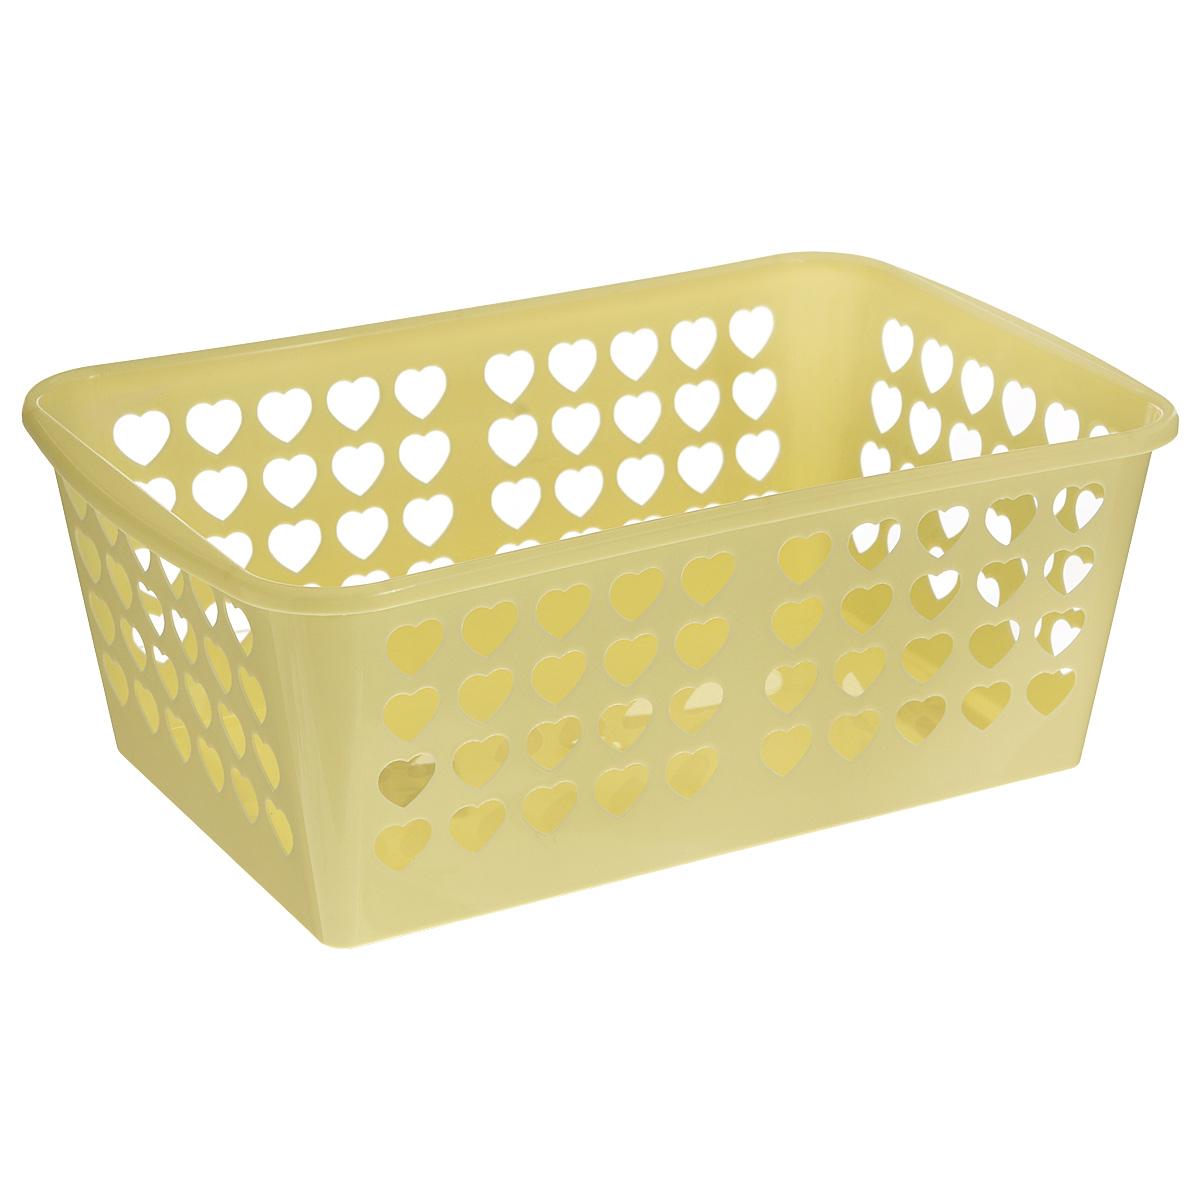 Корзина Альтернатива Вдохновение, цвет: желтый, 30 х 20 х 11,5 смМ529Корзина Альтернатива Вдохновение выполнена из пластика и оформлена перфорацией в виде сердечек. Изделие имеет сплошное дно и жесткую кромку. Корзина предназначена для хранения мелочей в ванной, на кухне, на даче или в гараже. Позволяет хранить мелкие вещи, исключая возможность их потери.